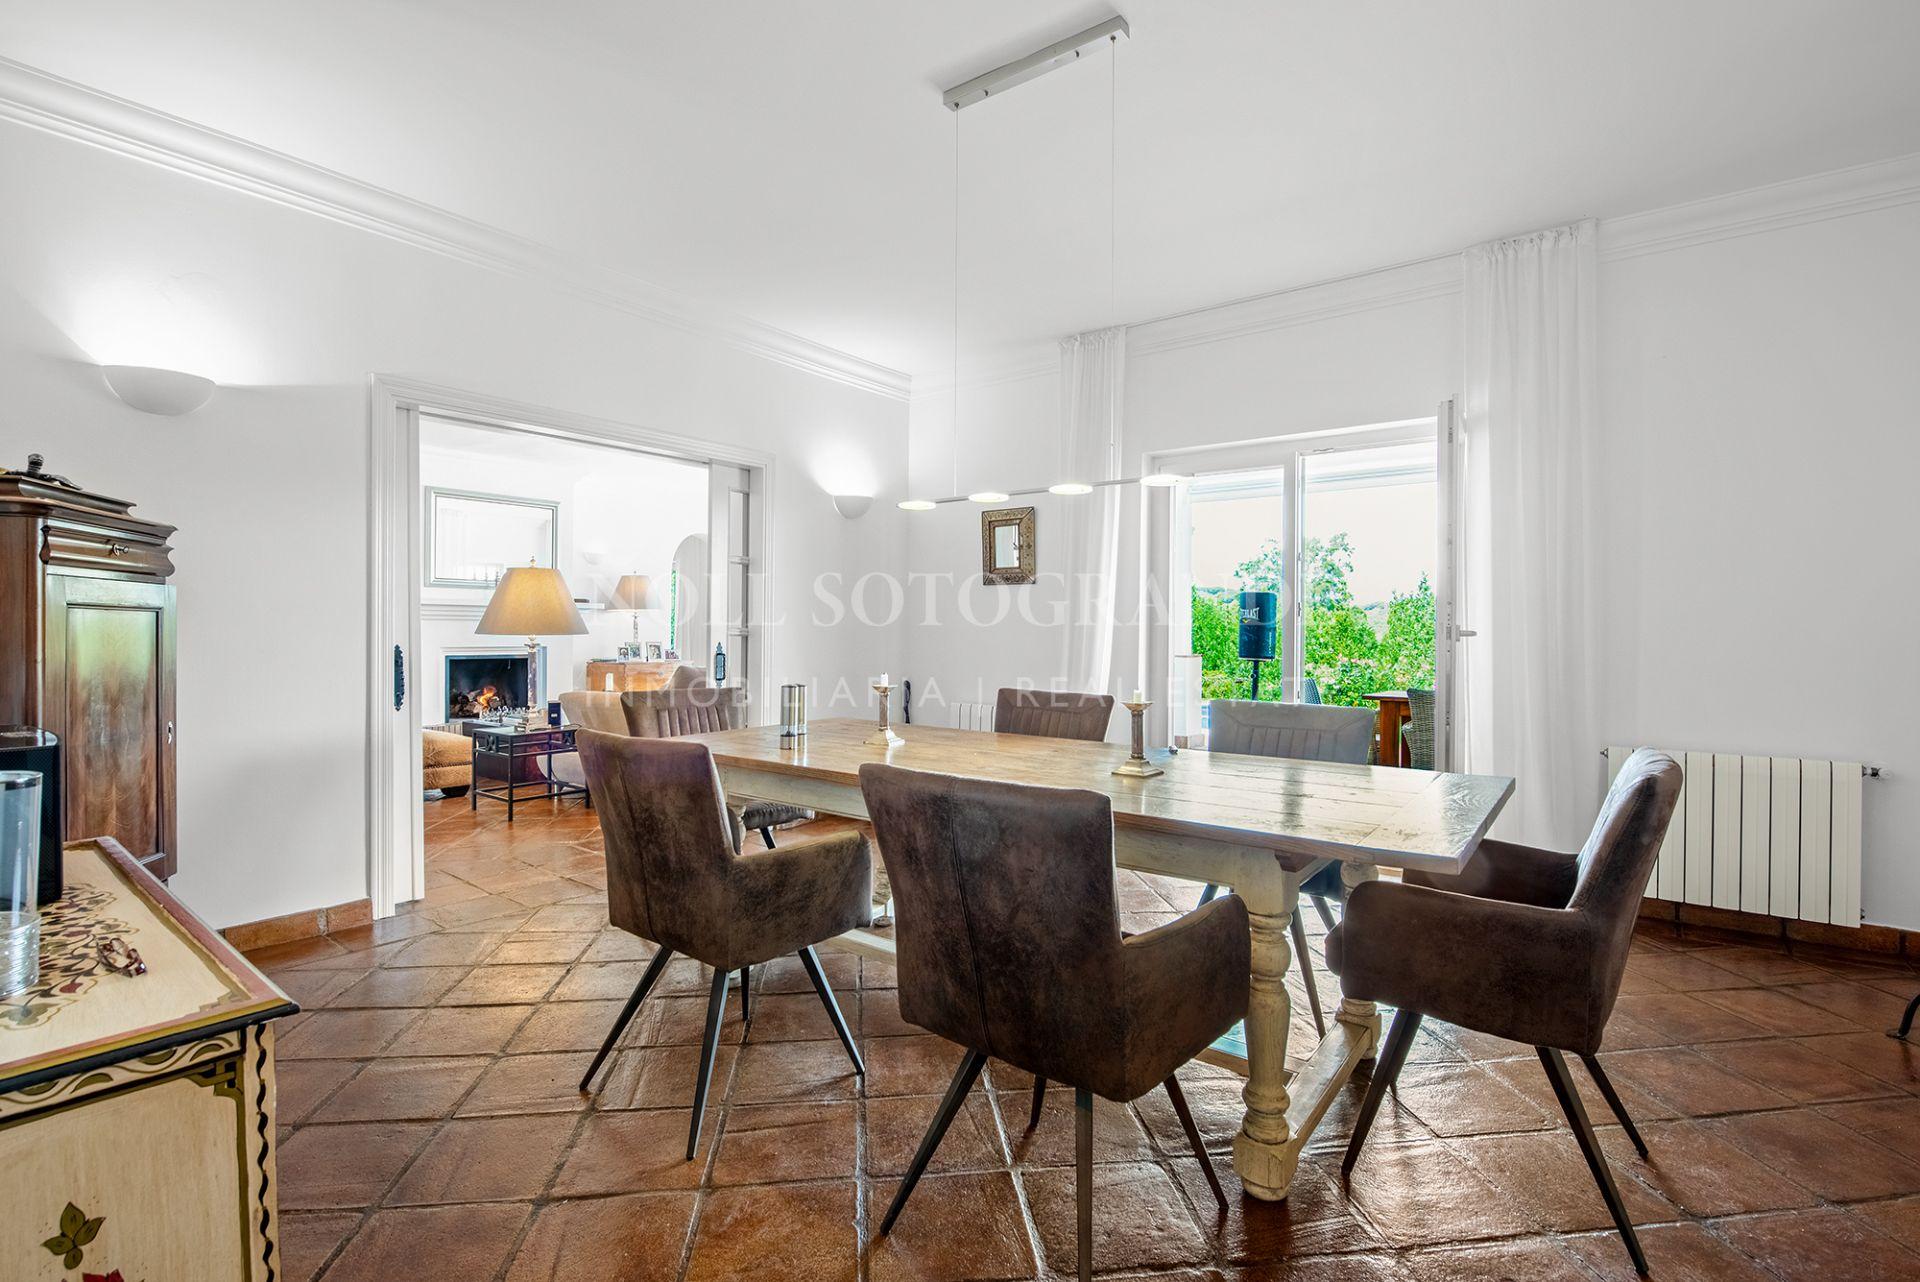 Charming Villa for sale in Sotogrande Alto